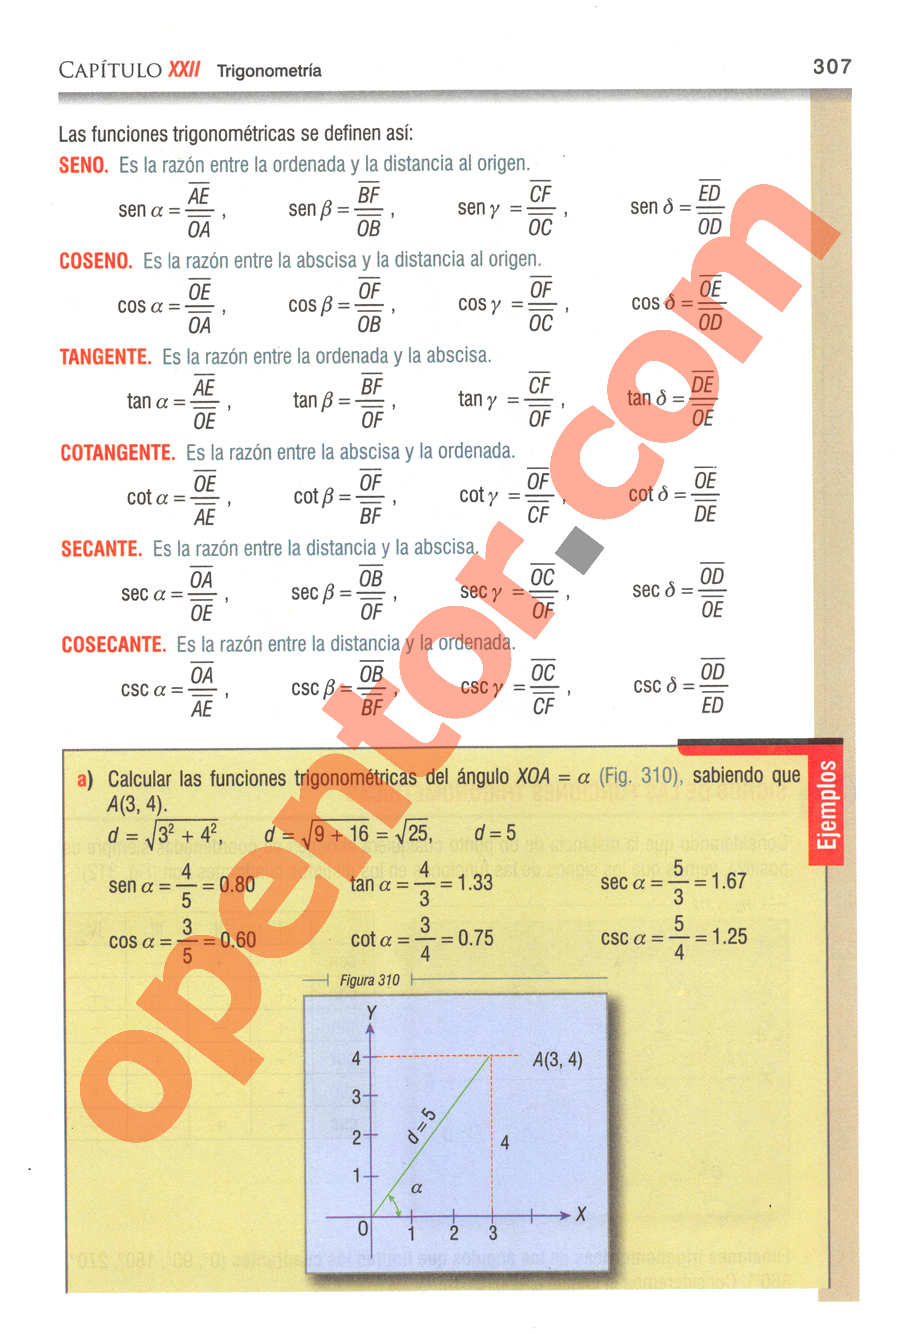 Geometría y Trigonometría de Baldor - Página 307